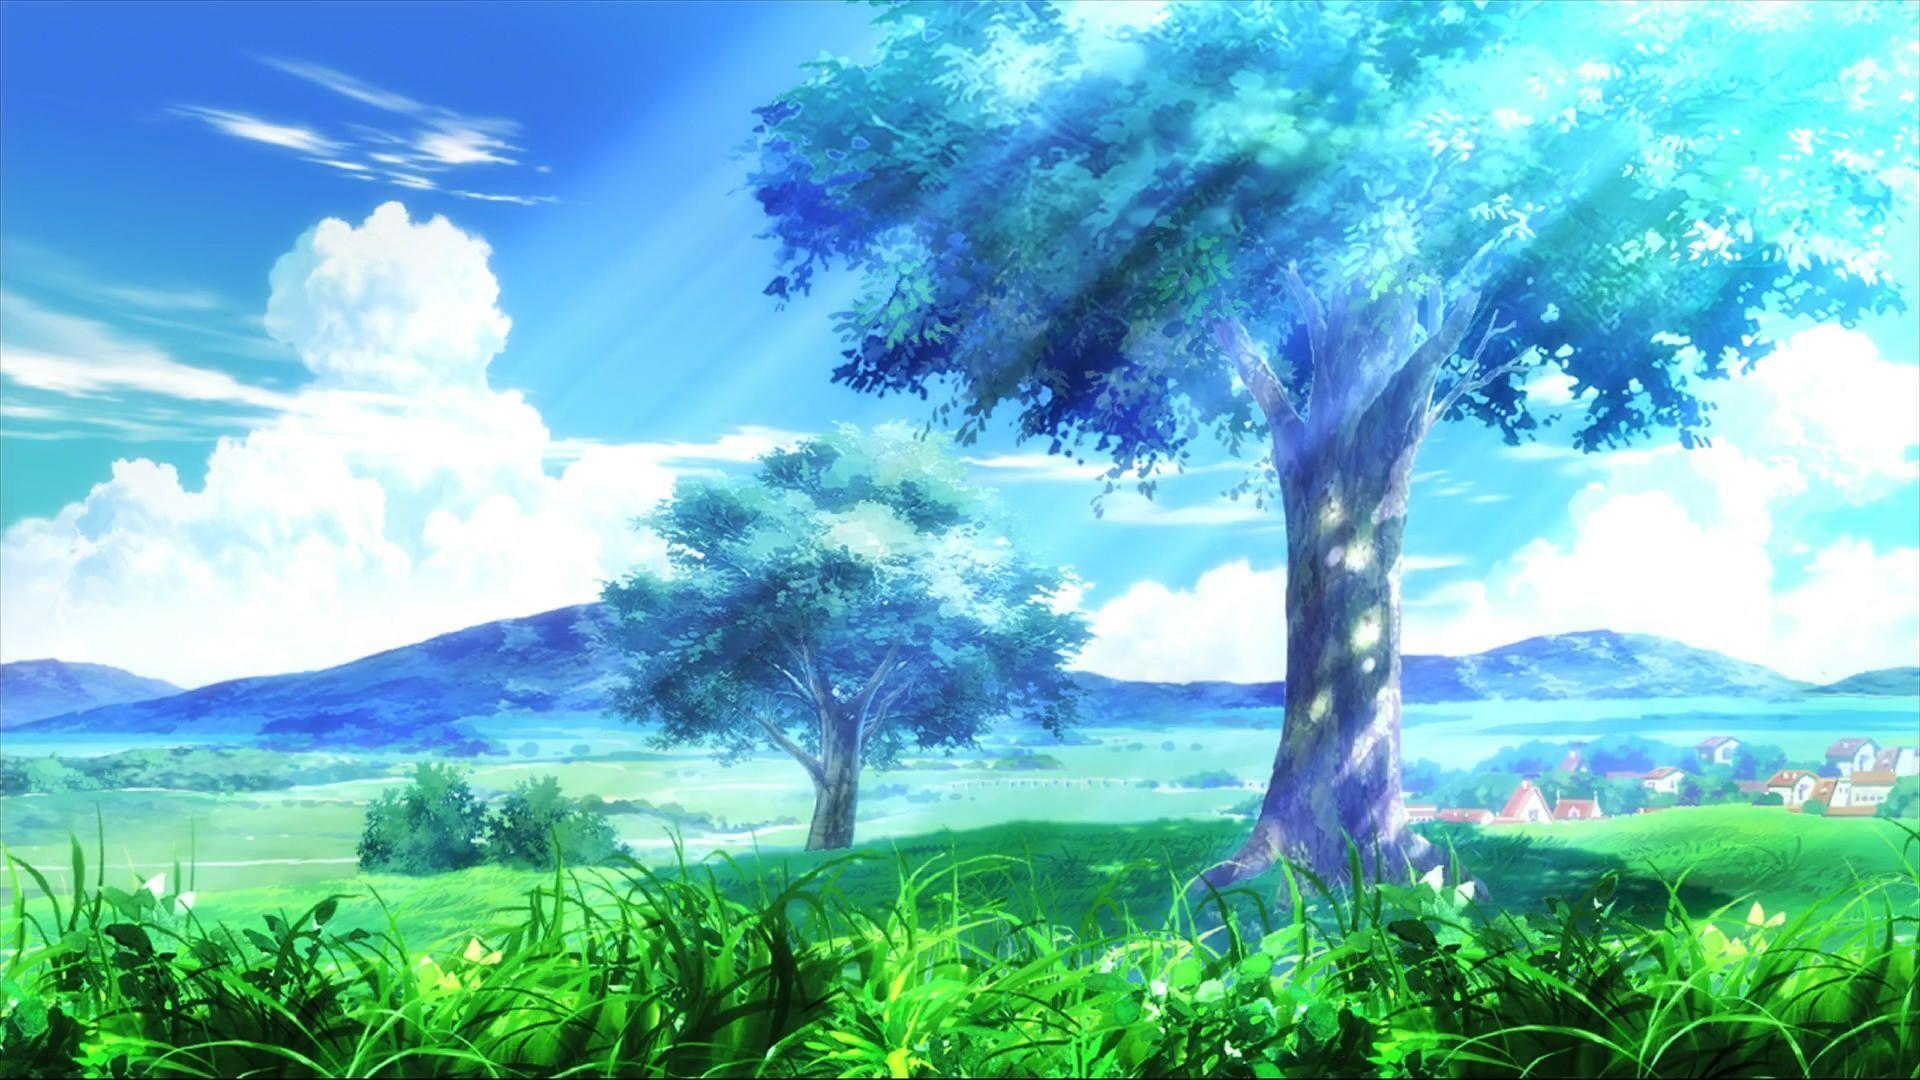 Resultado De Imagen Para Fondos Paisajes Anime Paisaje De Fantasia Paisajes Anime Fondos De Pantalla Naturaleza